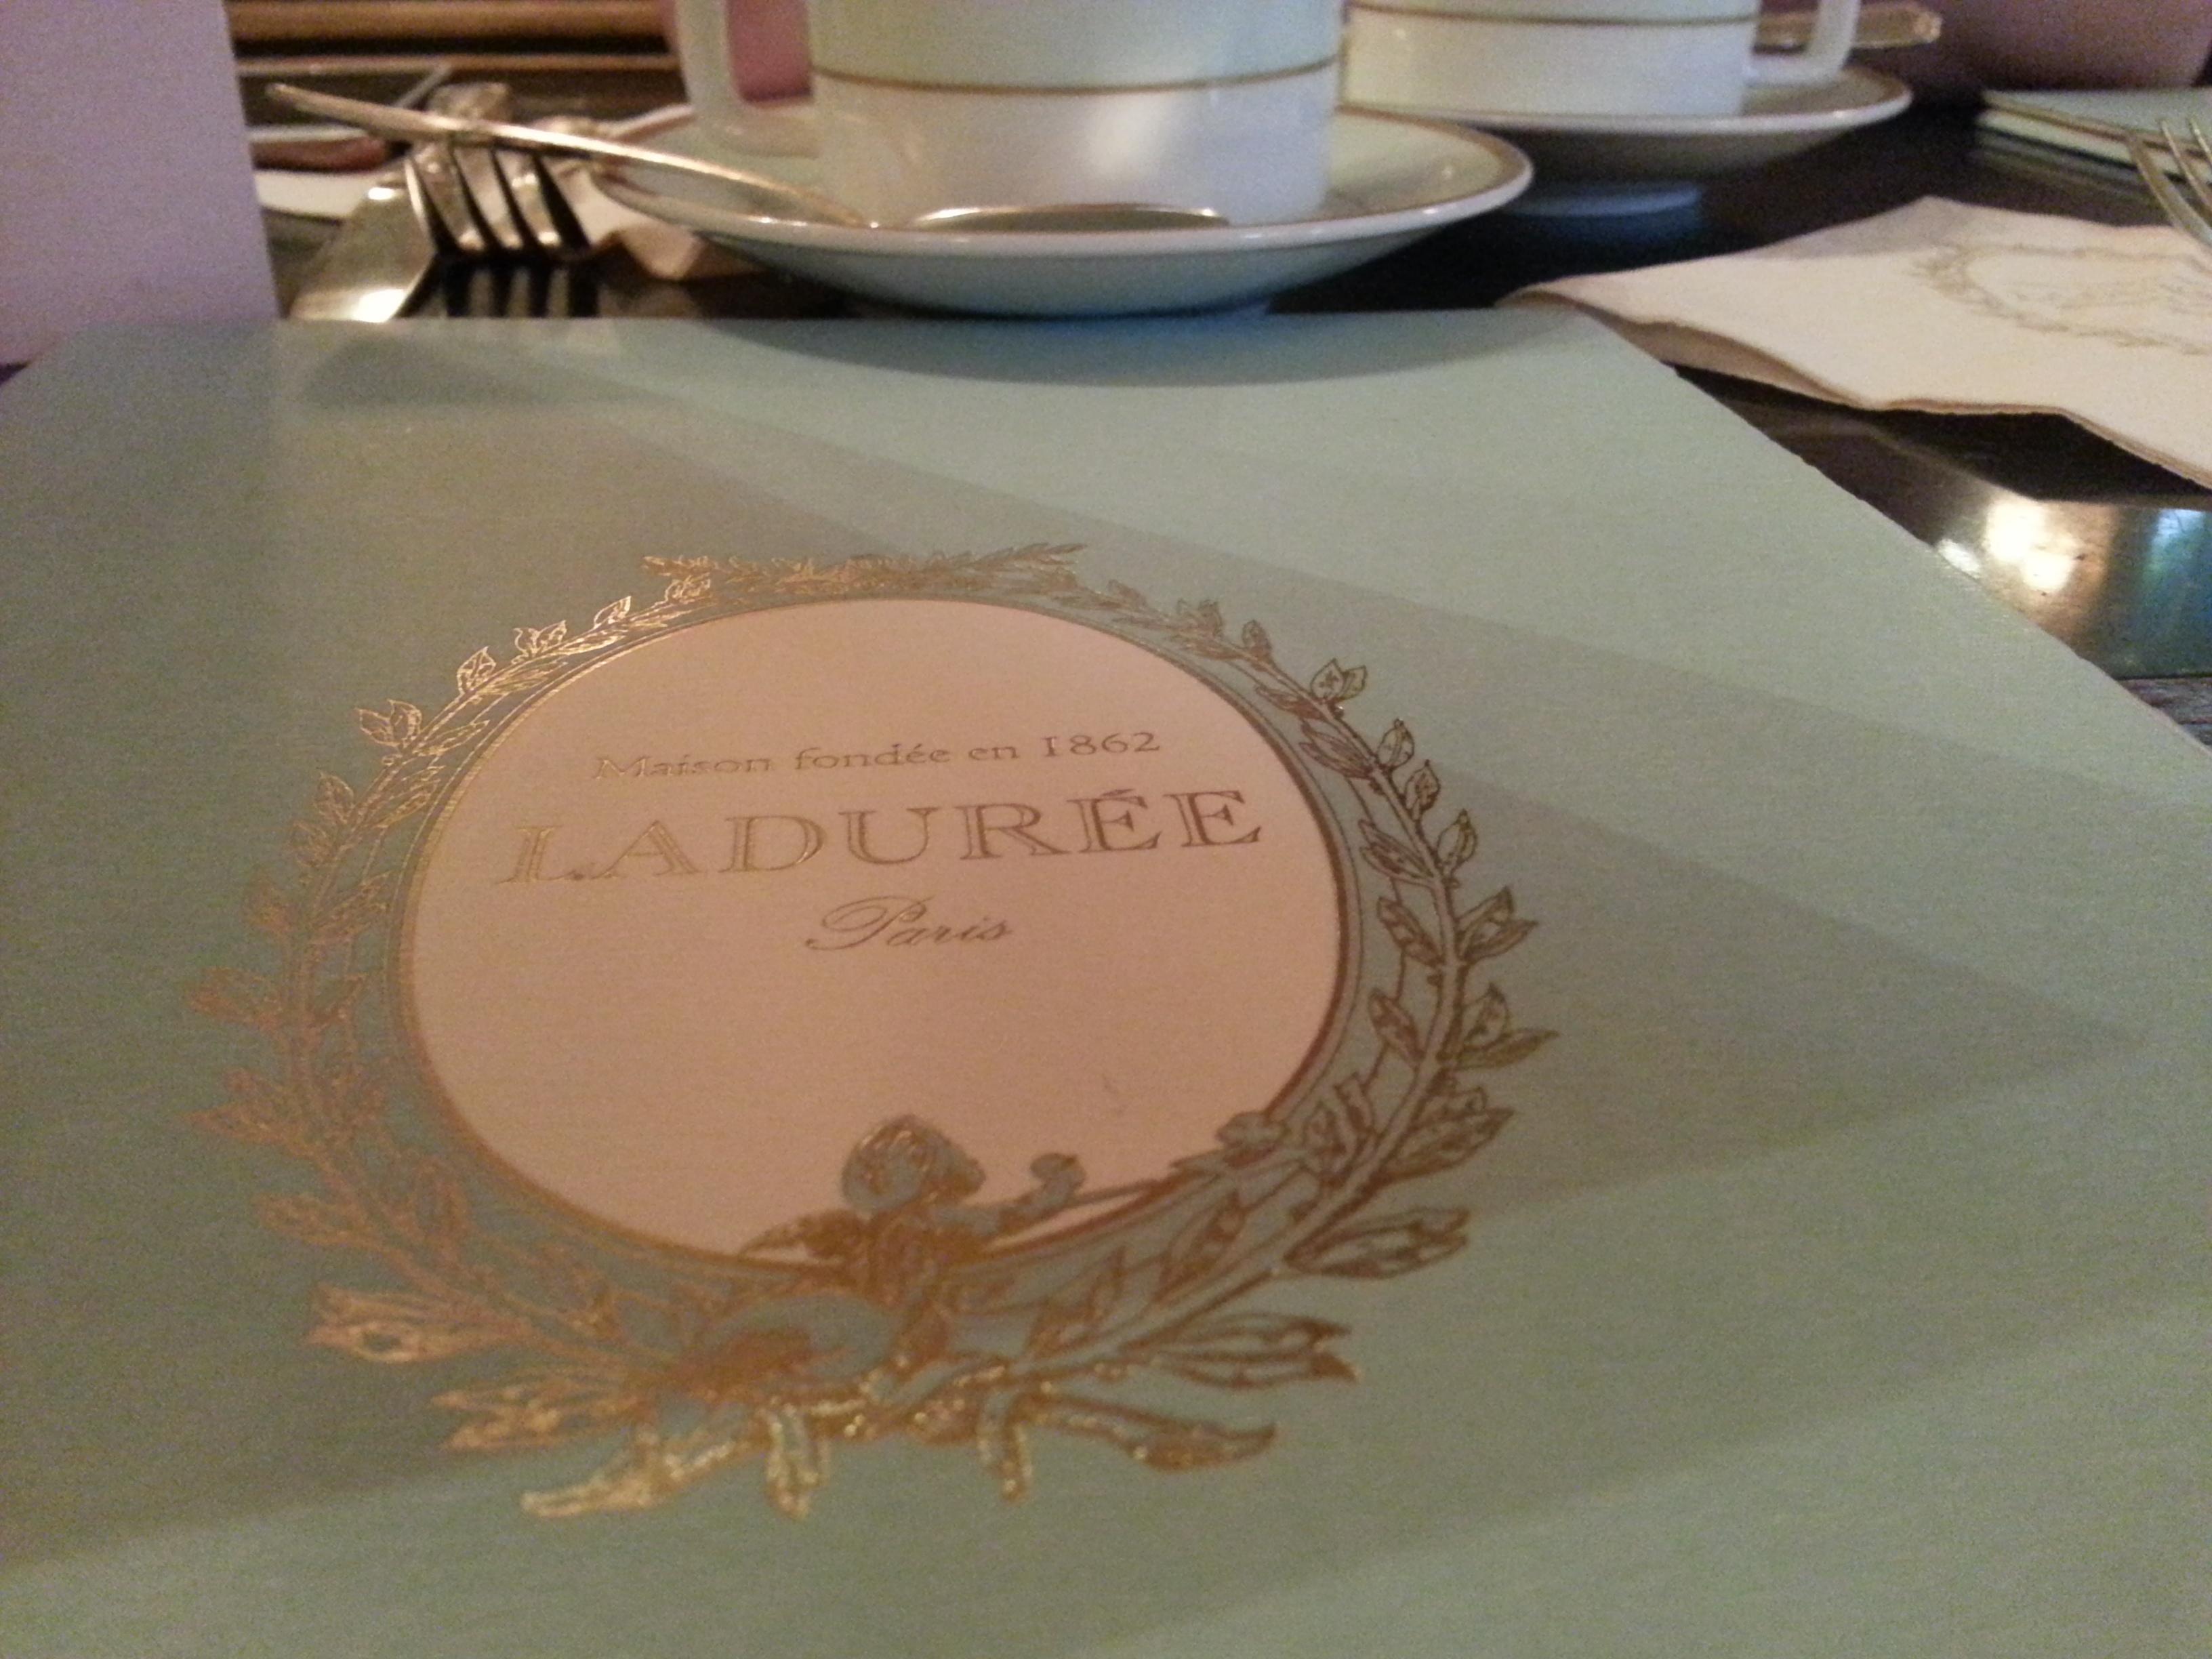 Laduree_Menu_by_pretemoiparis